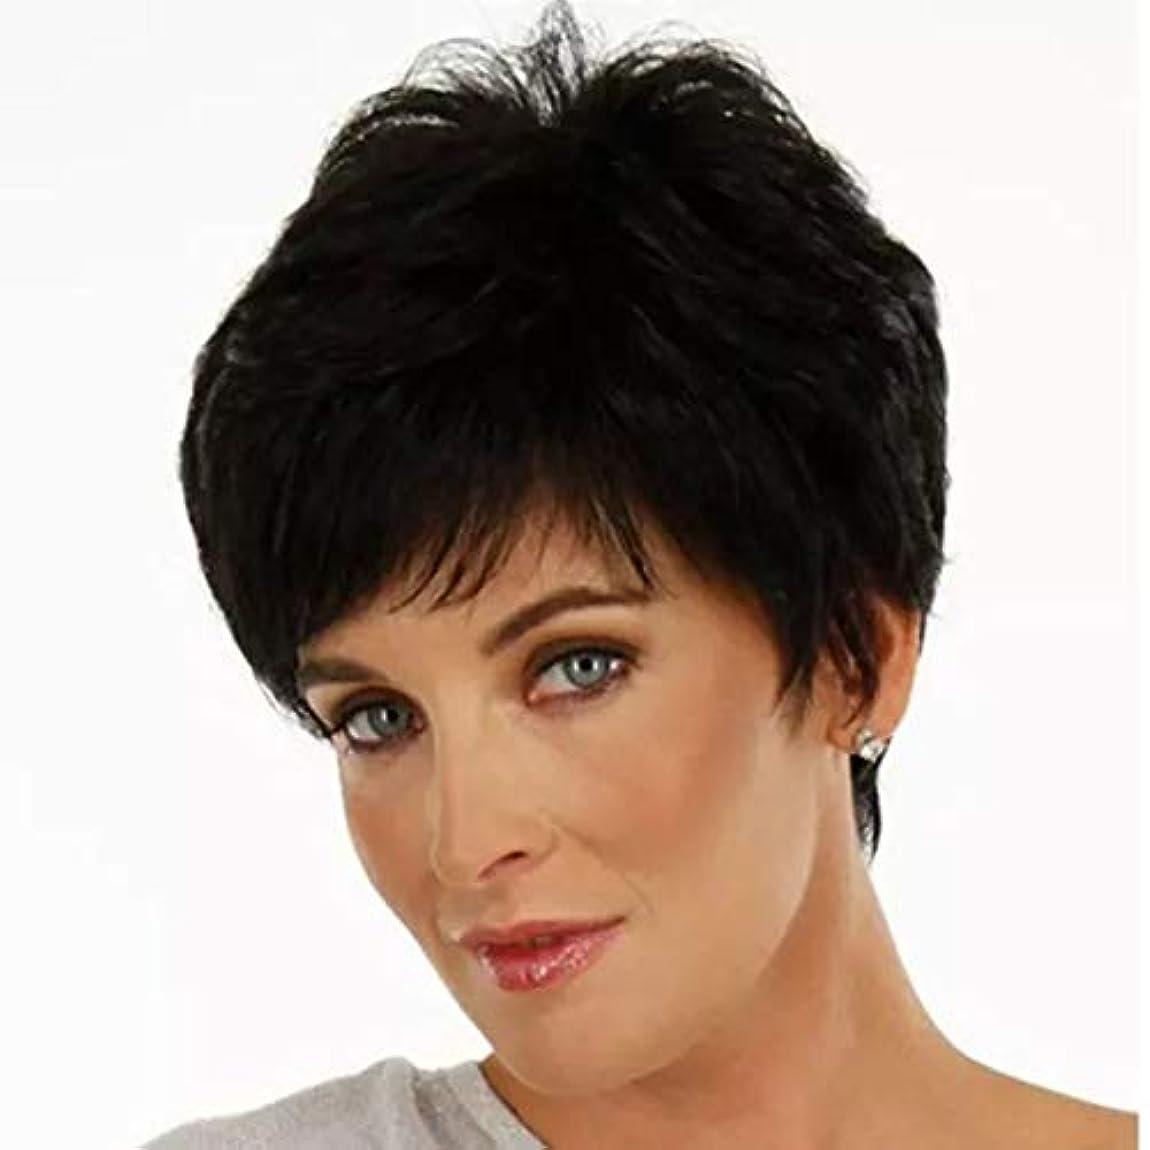 によると被害者リーダーシップKerwinner 女性のための短いストレートヘアケアファイバー高温シルクウィッグヘッドギアをかつら